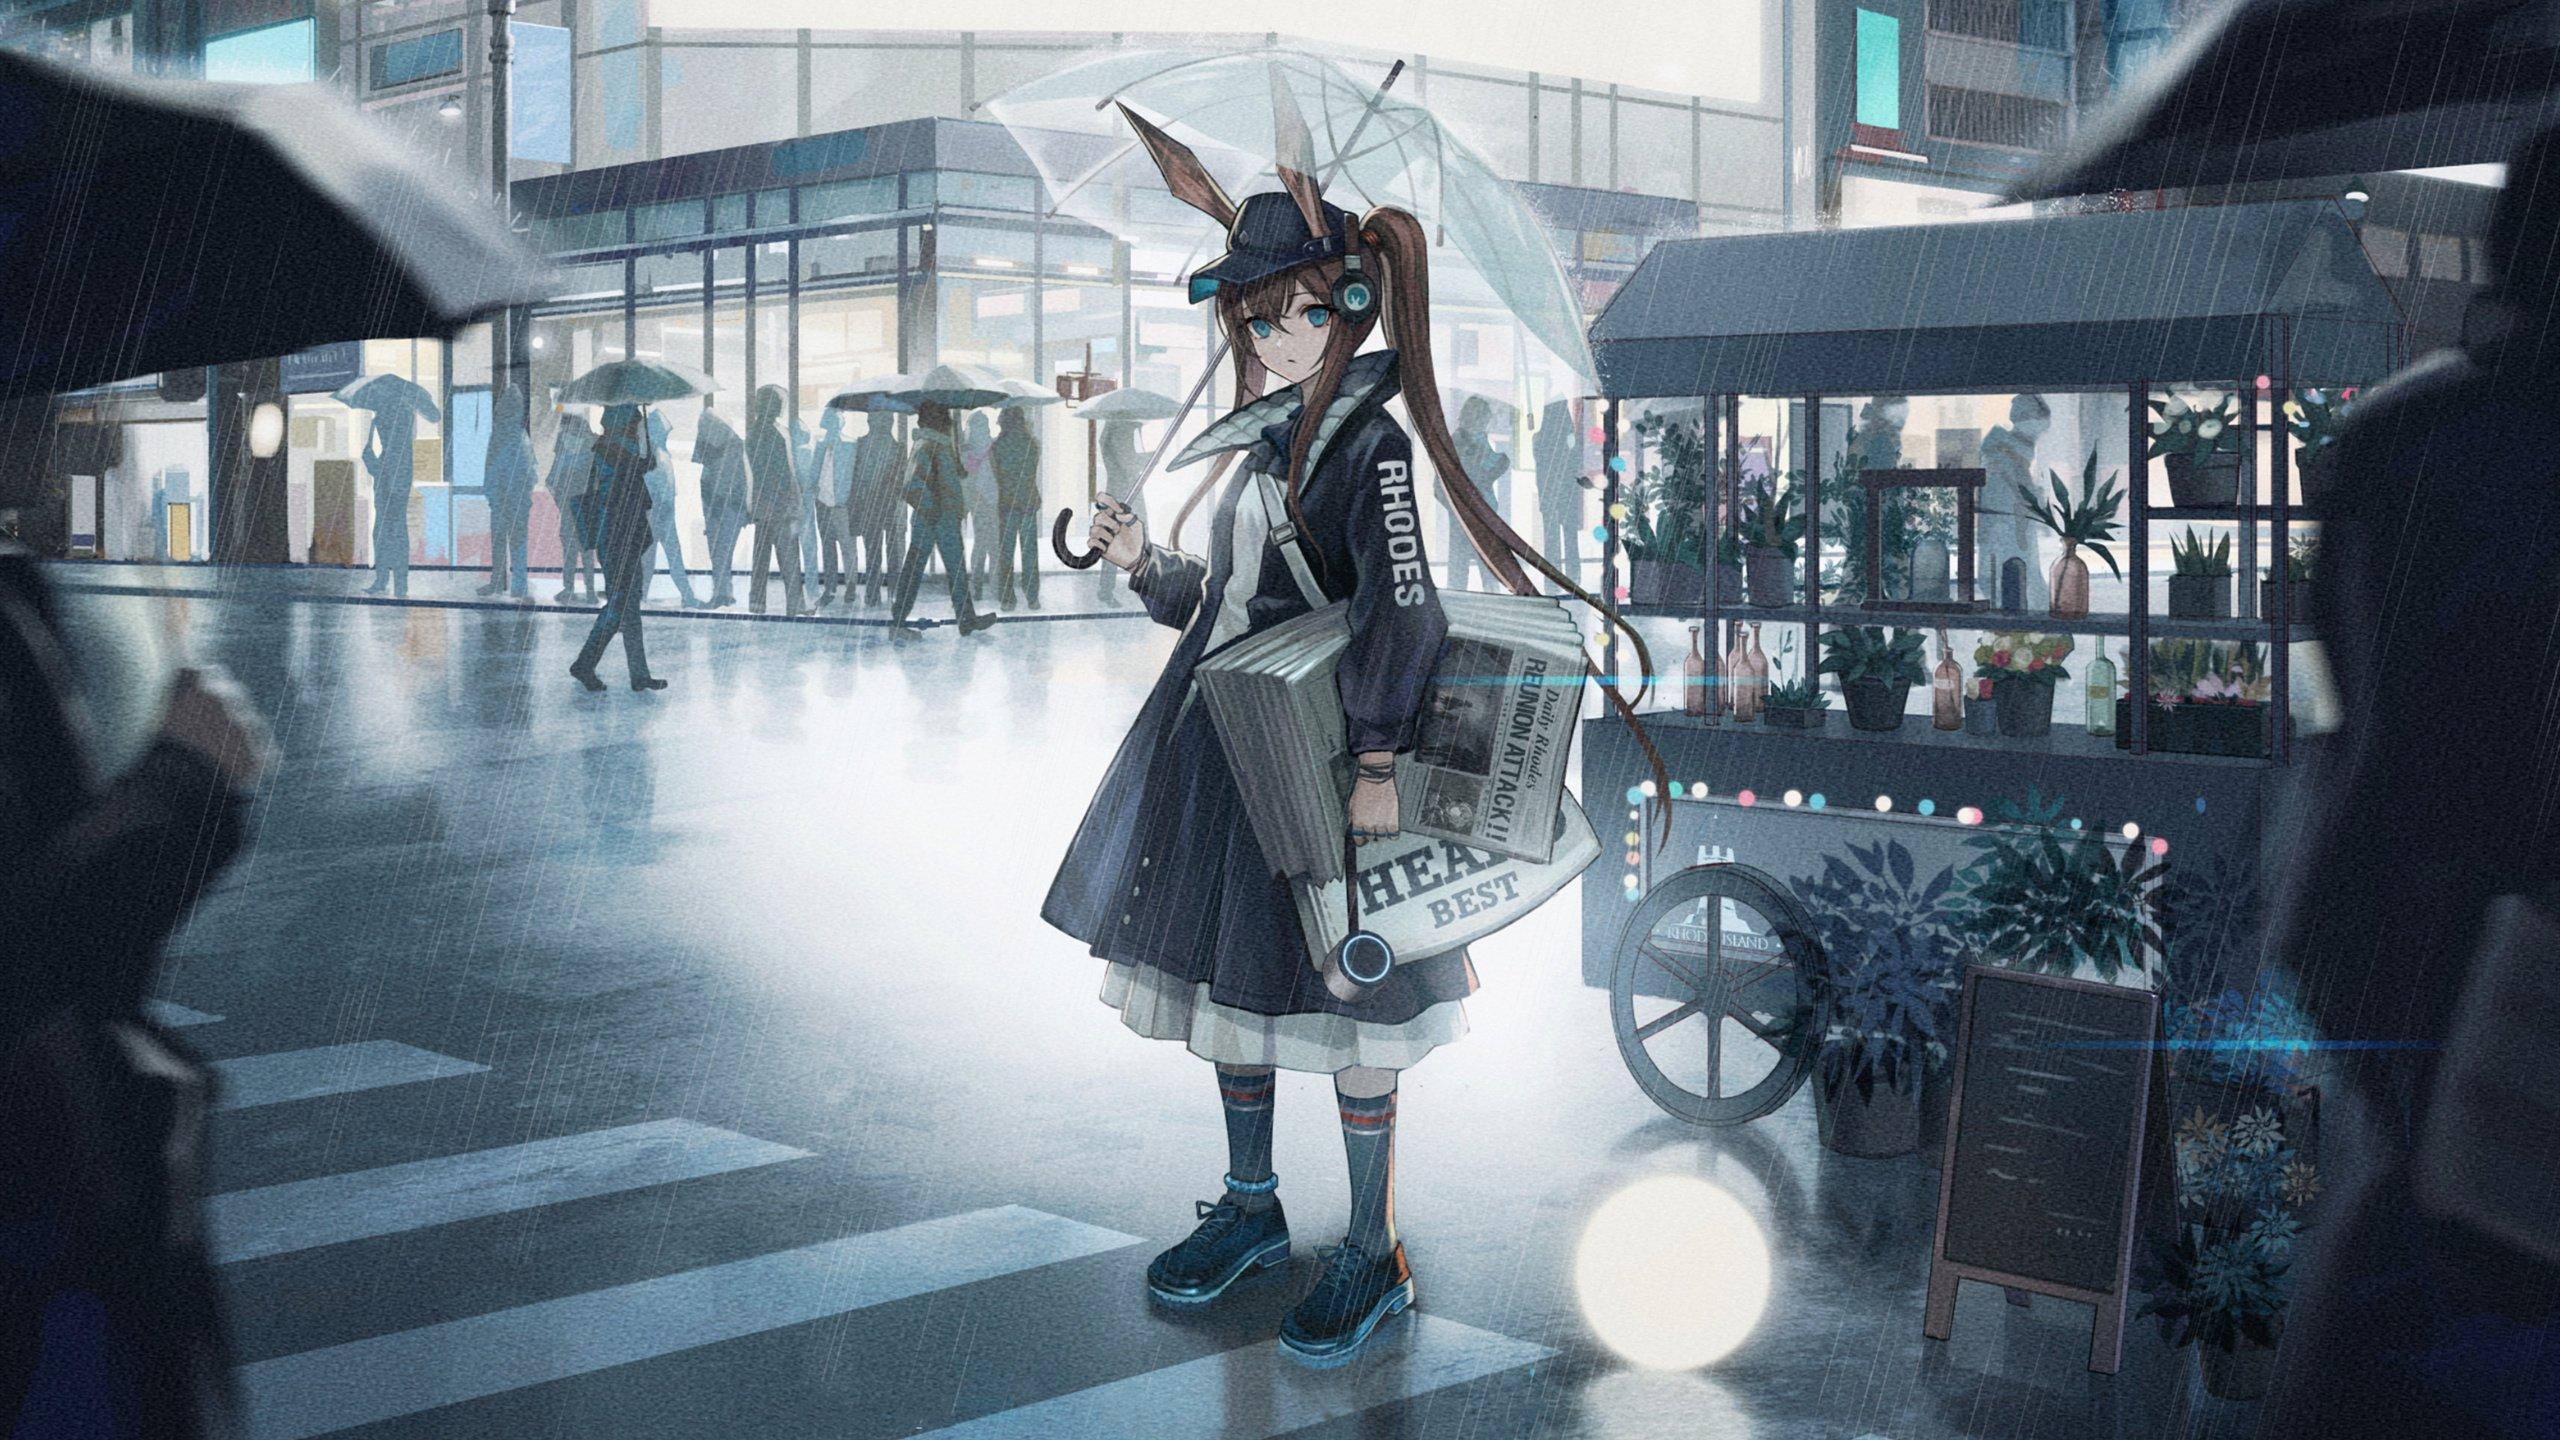 街头 撑伞 戴着兔耳朵 卖报纸 的女孩 高清动漫壁纸,高清动漫电脑桌面壁纸